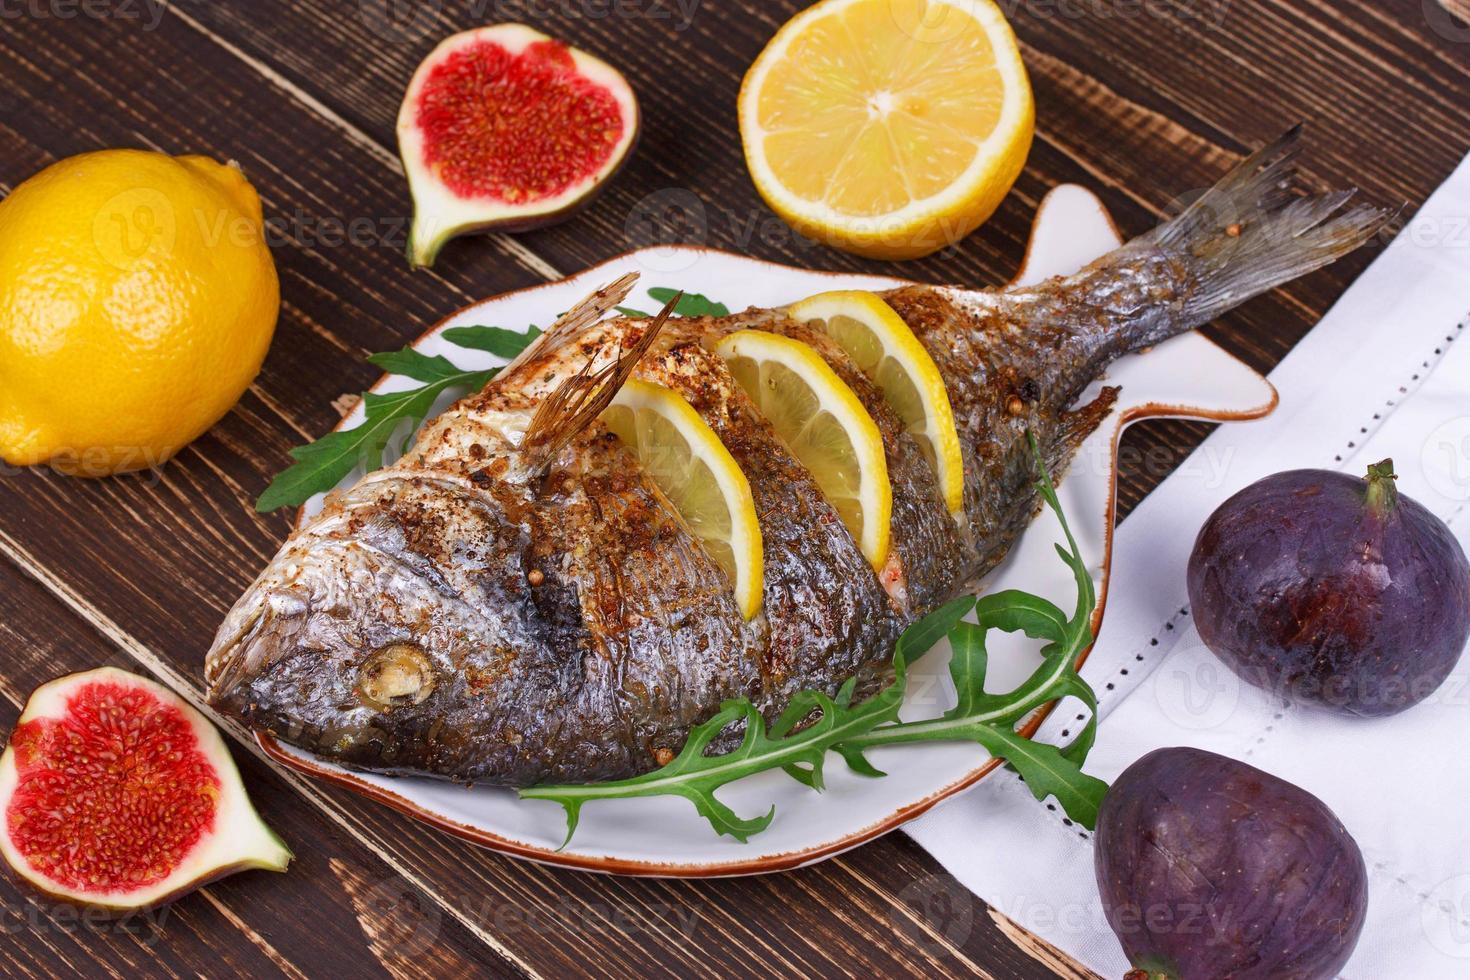 Dorado de poisson entier grillé servi avec citron et figues; photo